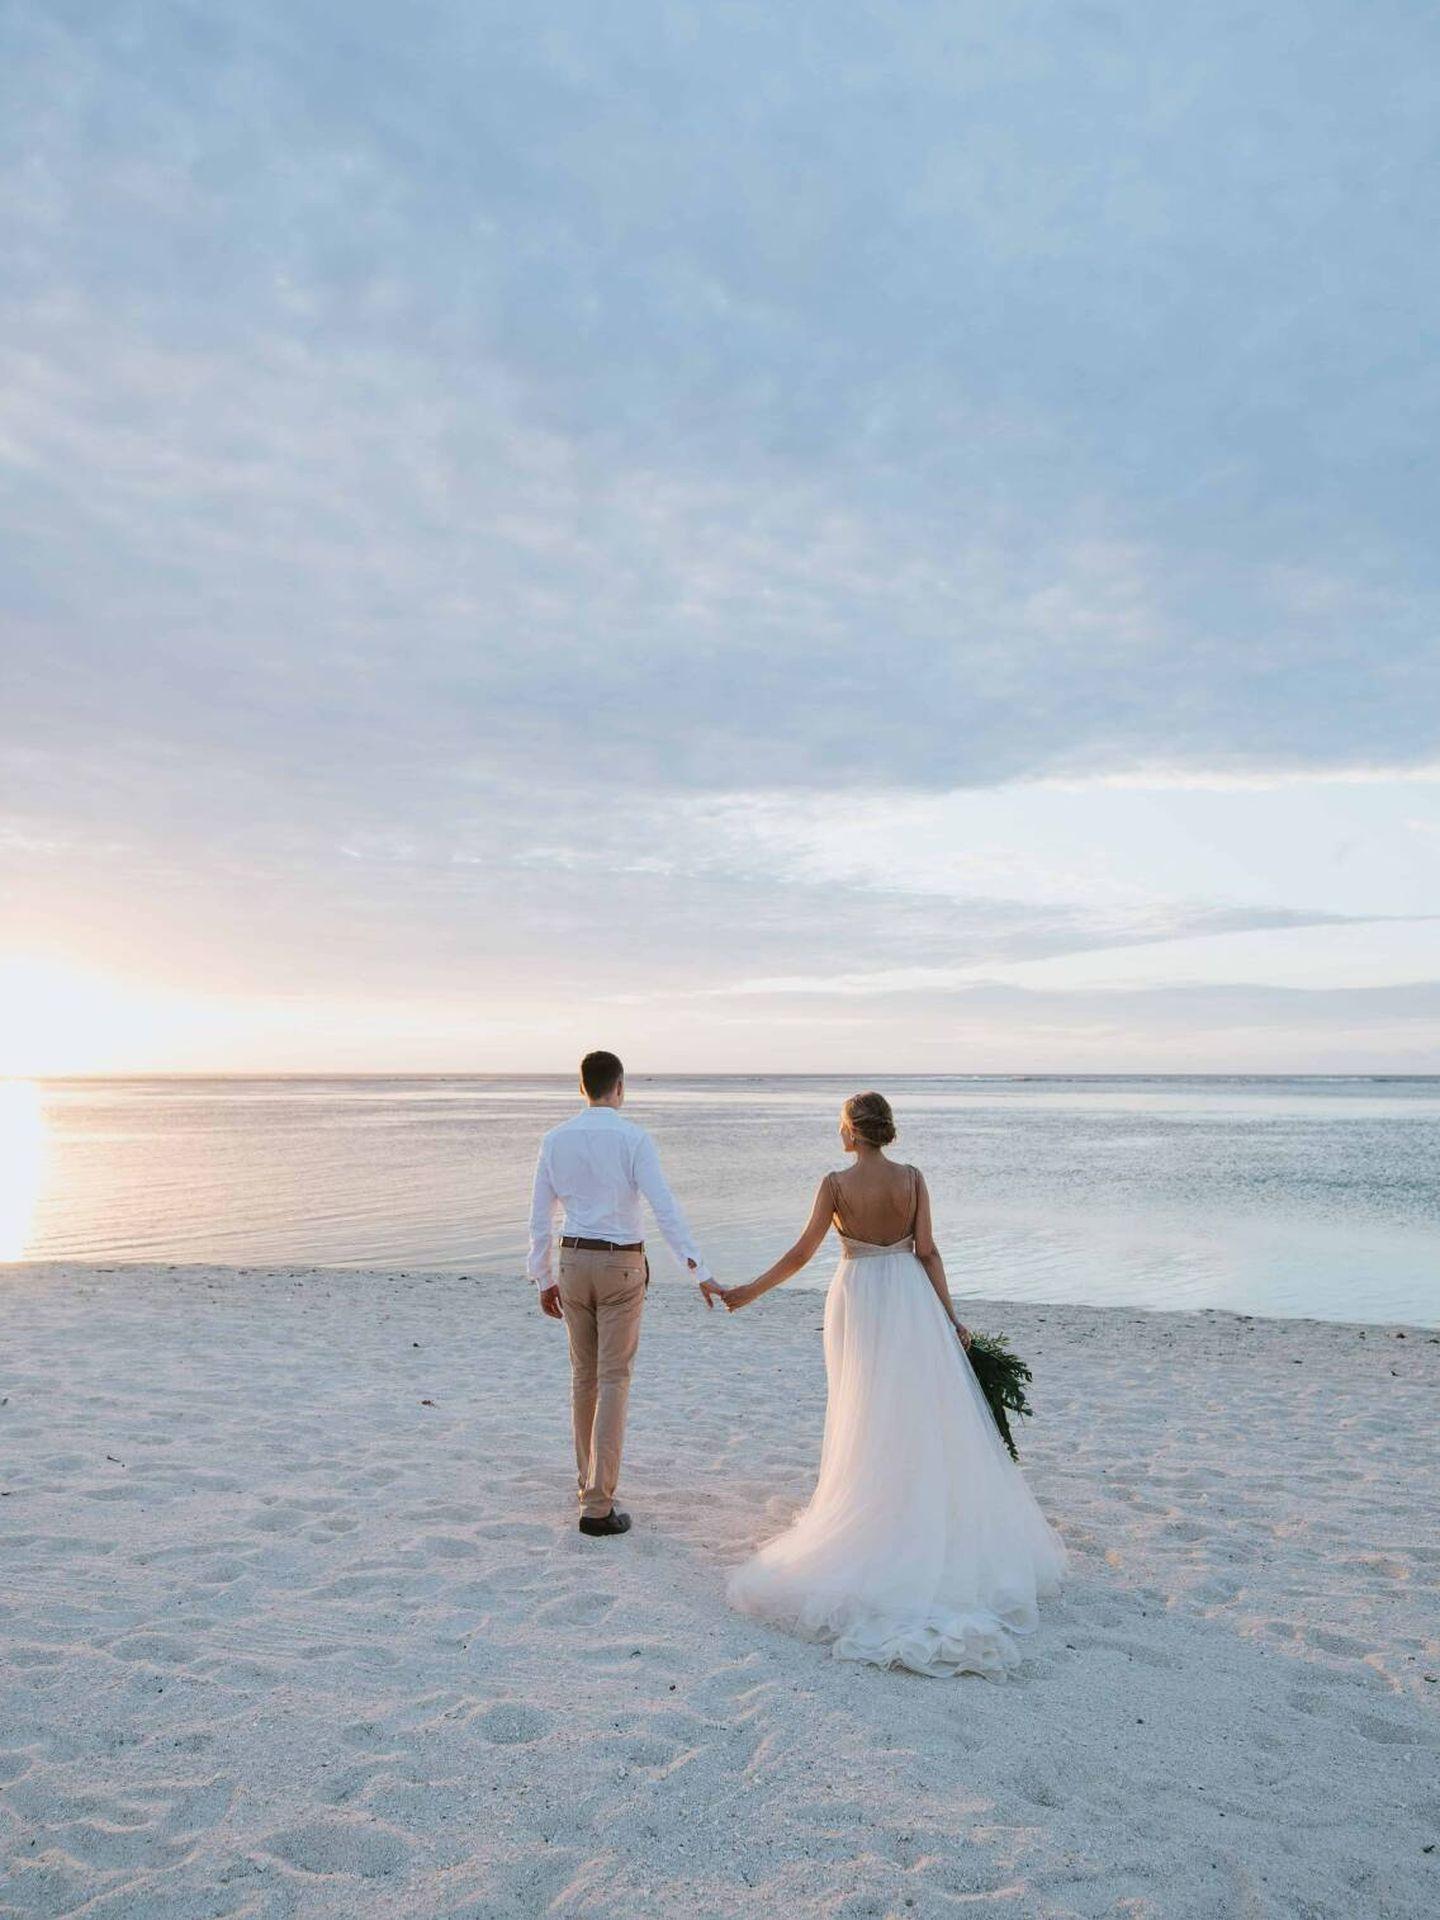 Cómo escoger el vestido de novia para una boda en la playa. (Focus Photography Mauritius para Unsplash)